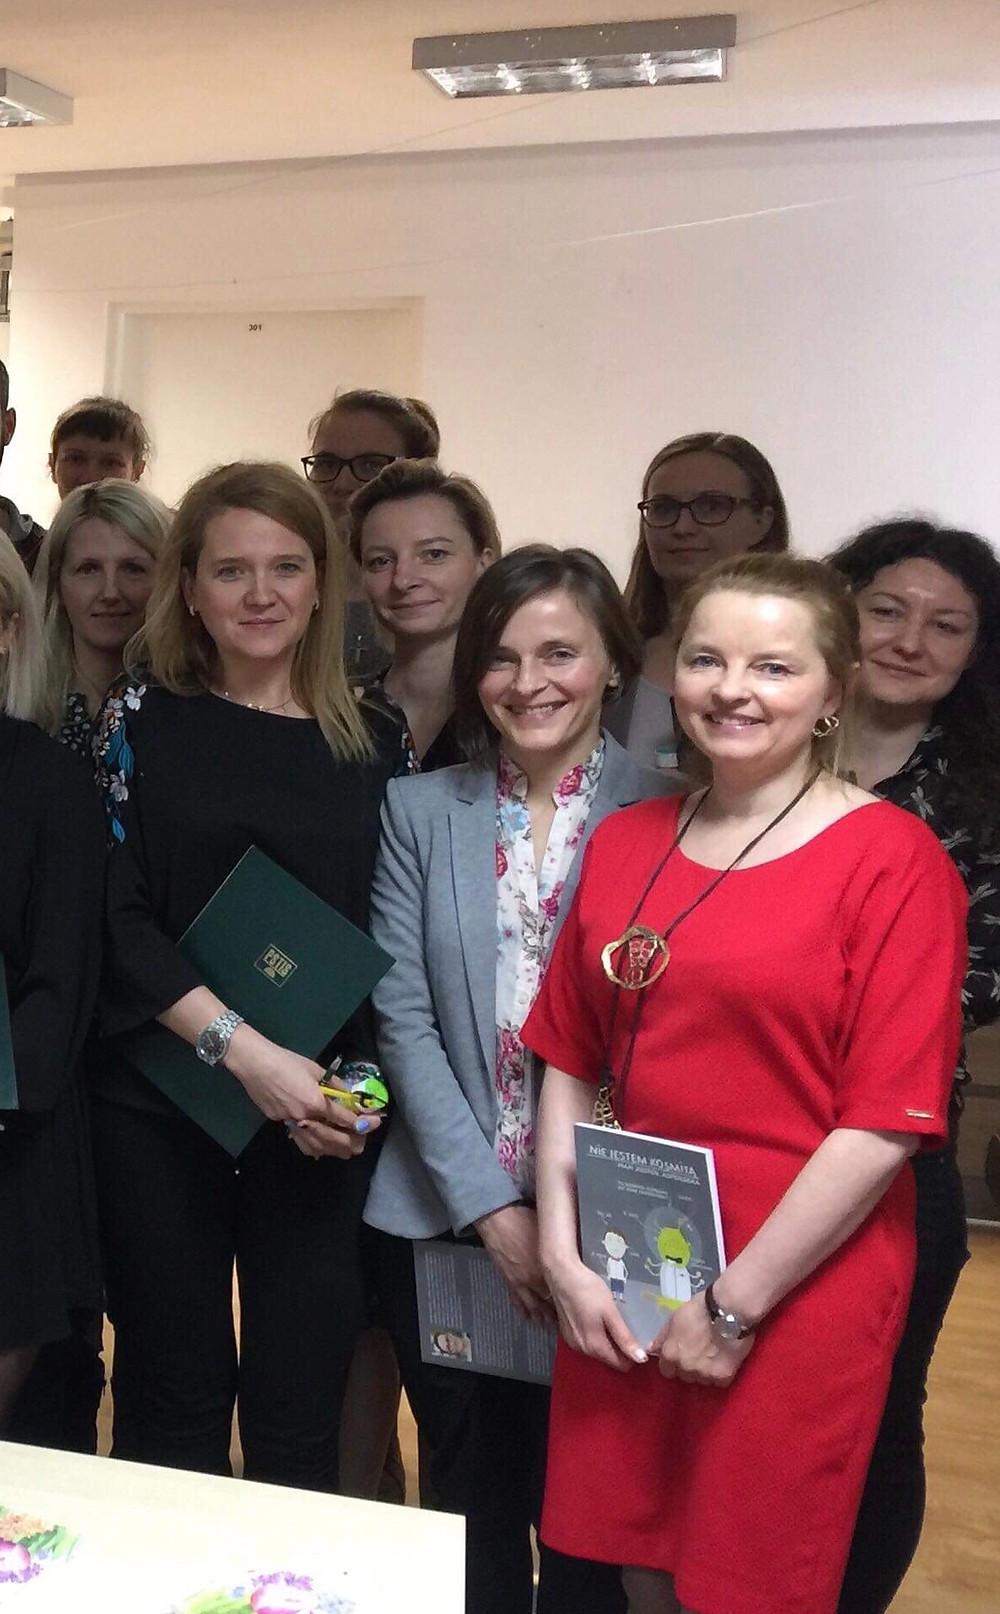 Ilona Nitychoruk Piekarz - dyplom SI II st - Prezes PSTIS Jolanta Kazanowska, dr Marta Wiśniewska